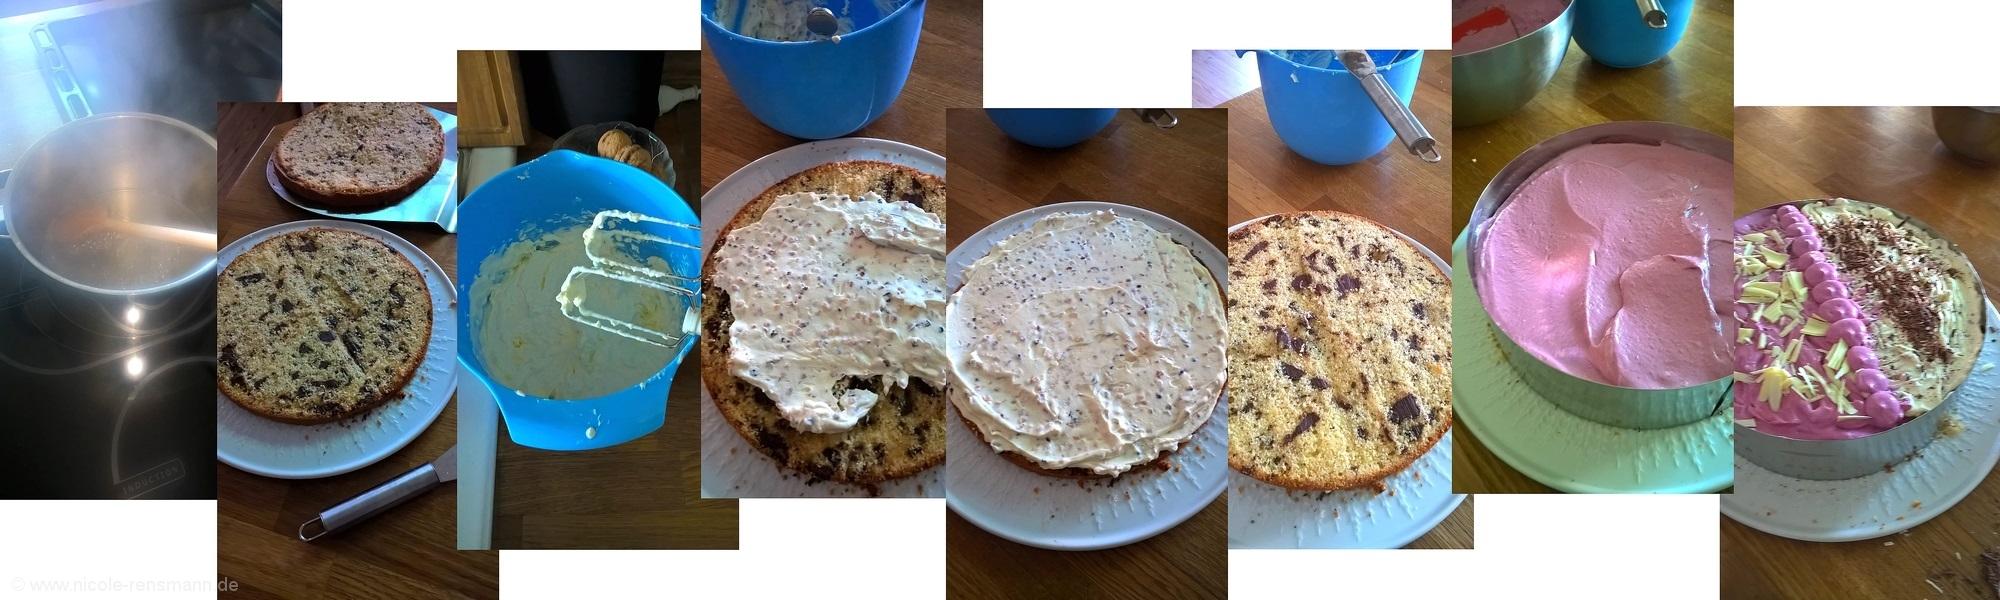 Torten - Collage